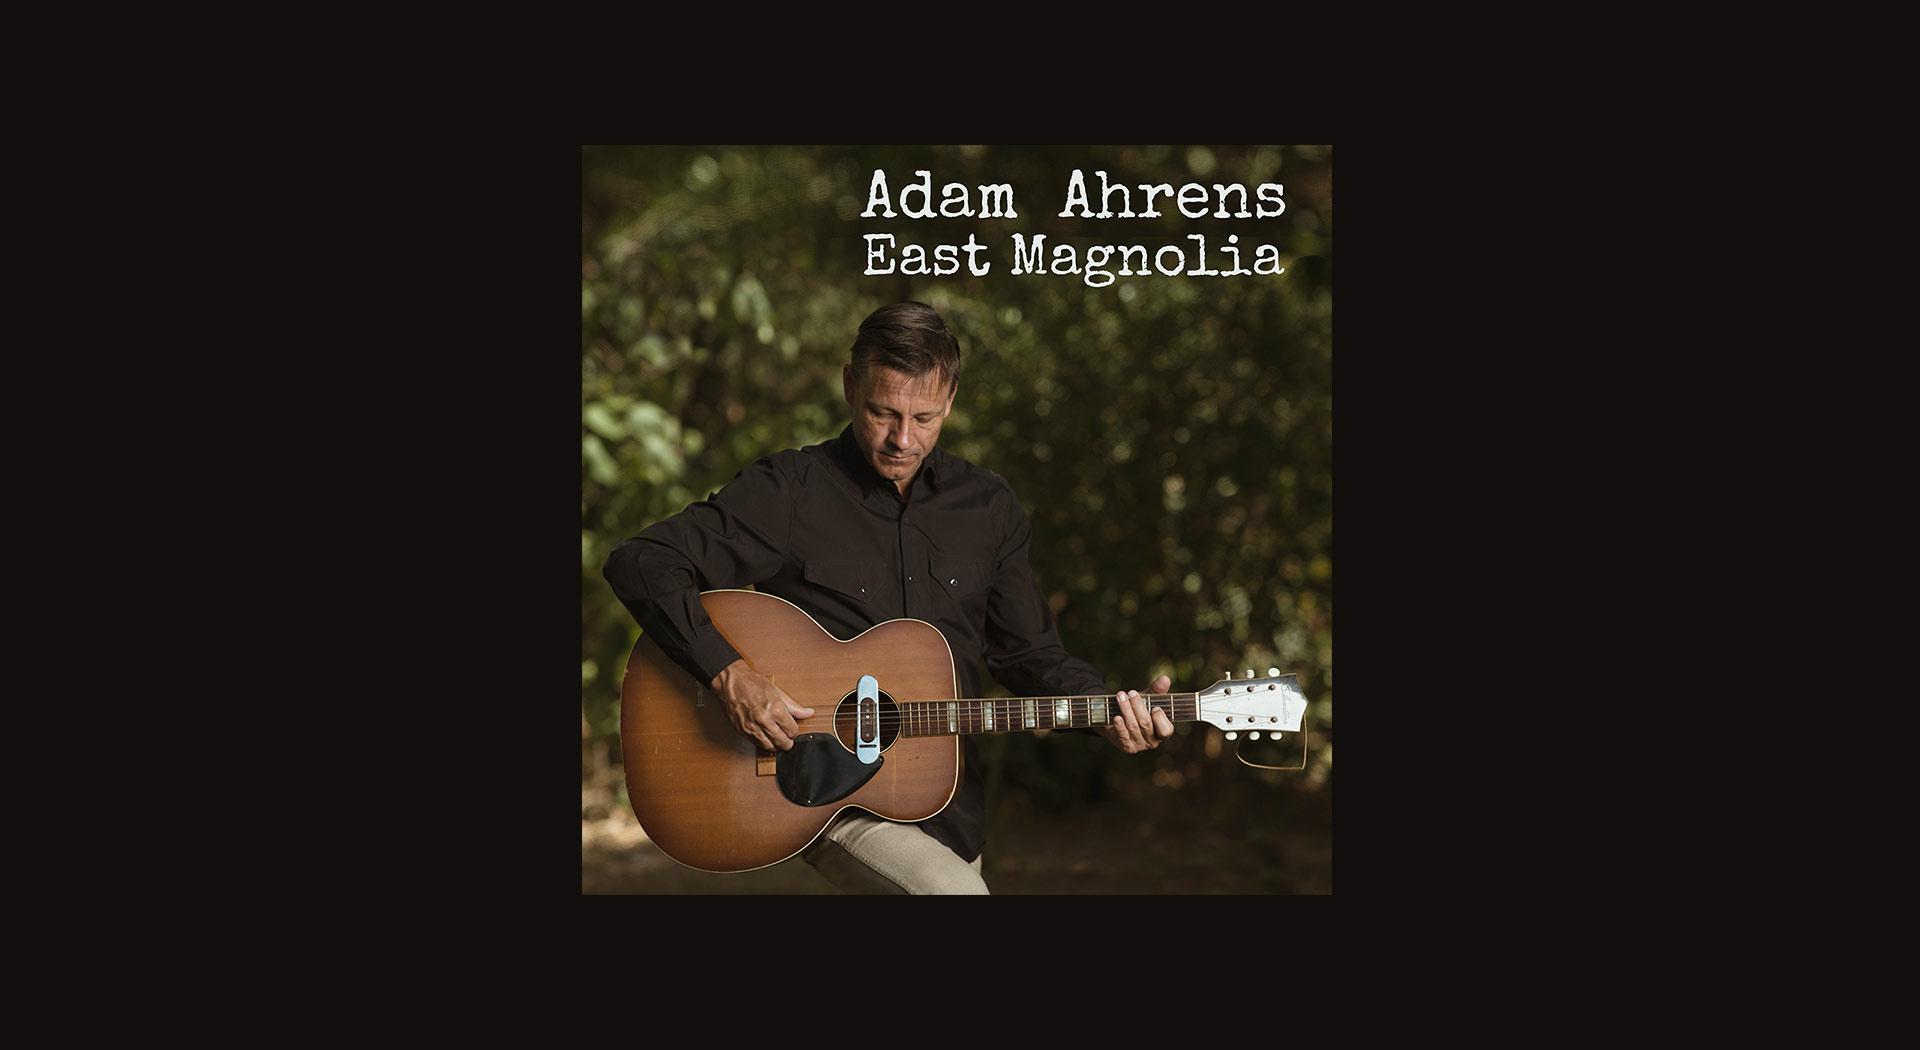 Adam Ahrens - East Magnolia